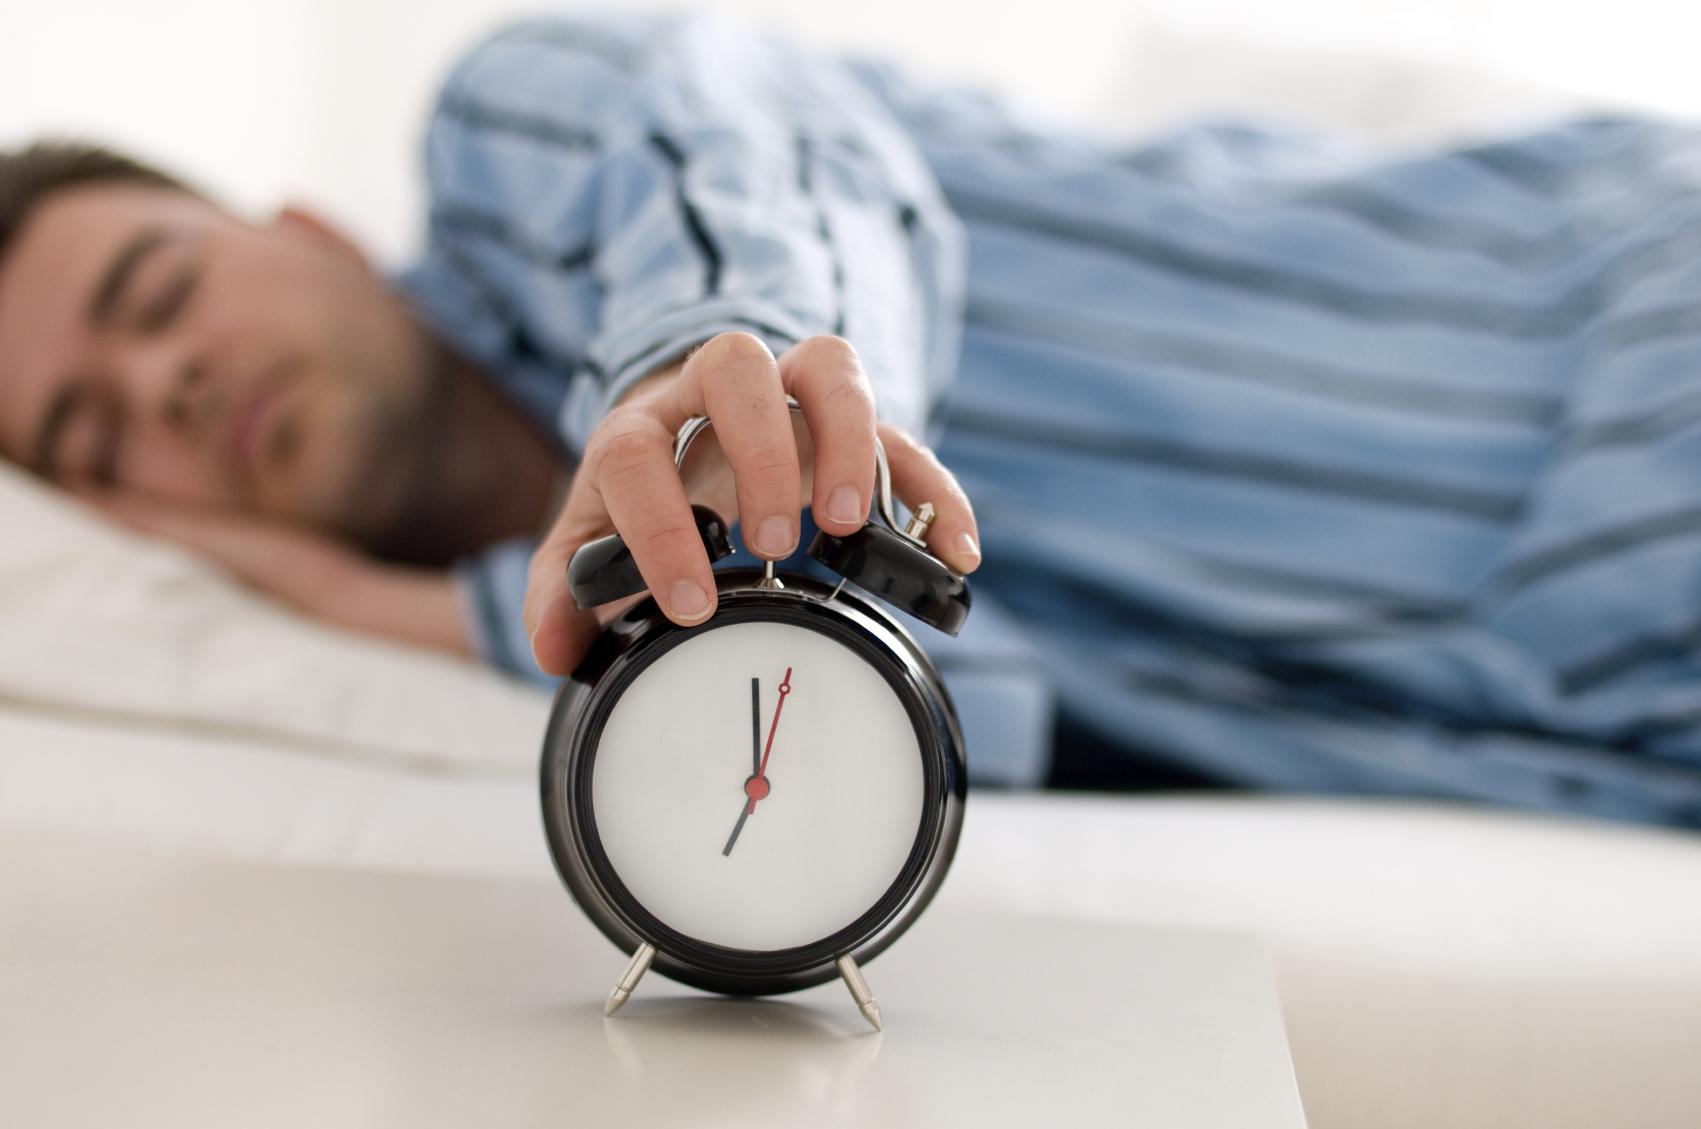 بدن ما آیا میتواند بیخواب بماند؟